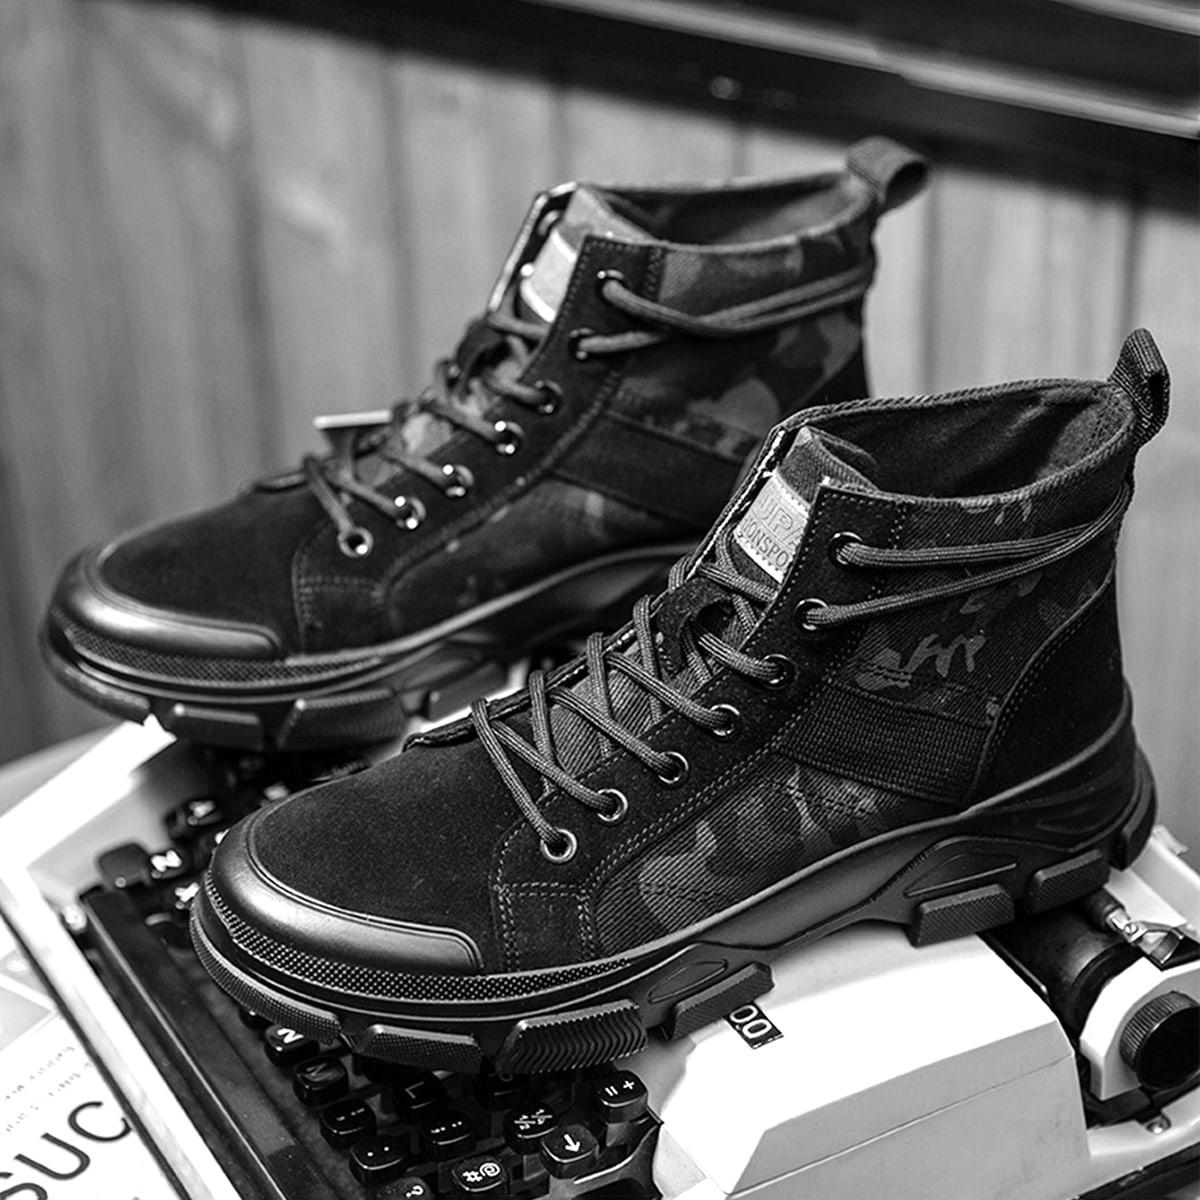 Мужские сапоги на шнурках с камуфляжным принтом